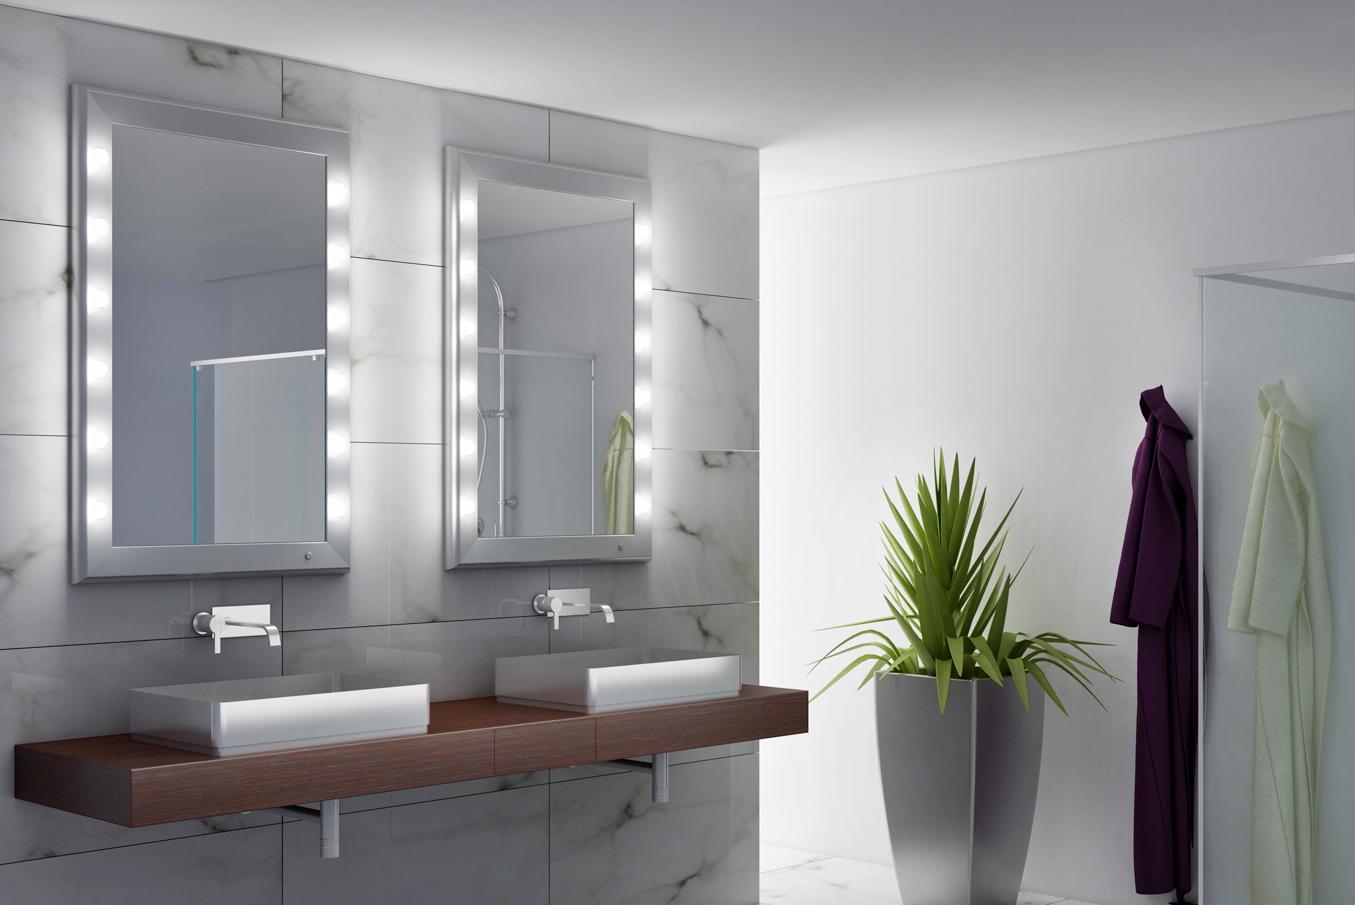 specchio rettangolare verticale con luci integrate nella cornice in alluminio personalizzata per  per bagno con doppio lavandino, marmo stile minimal bianco legno